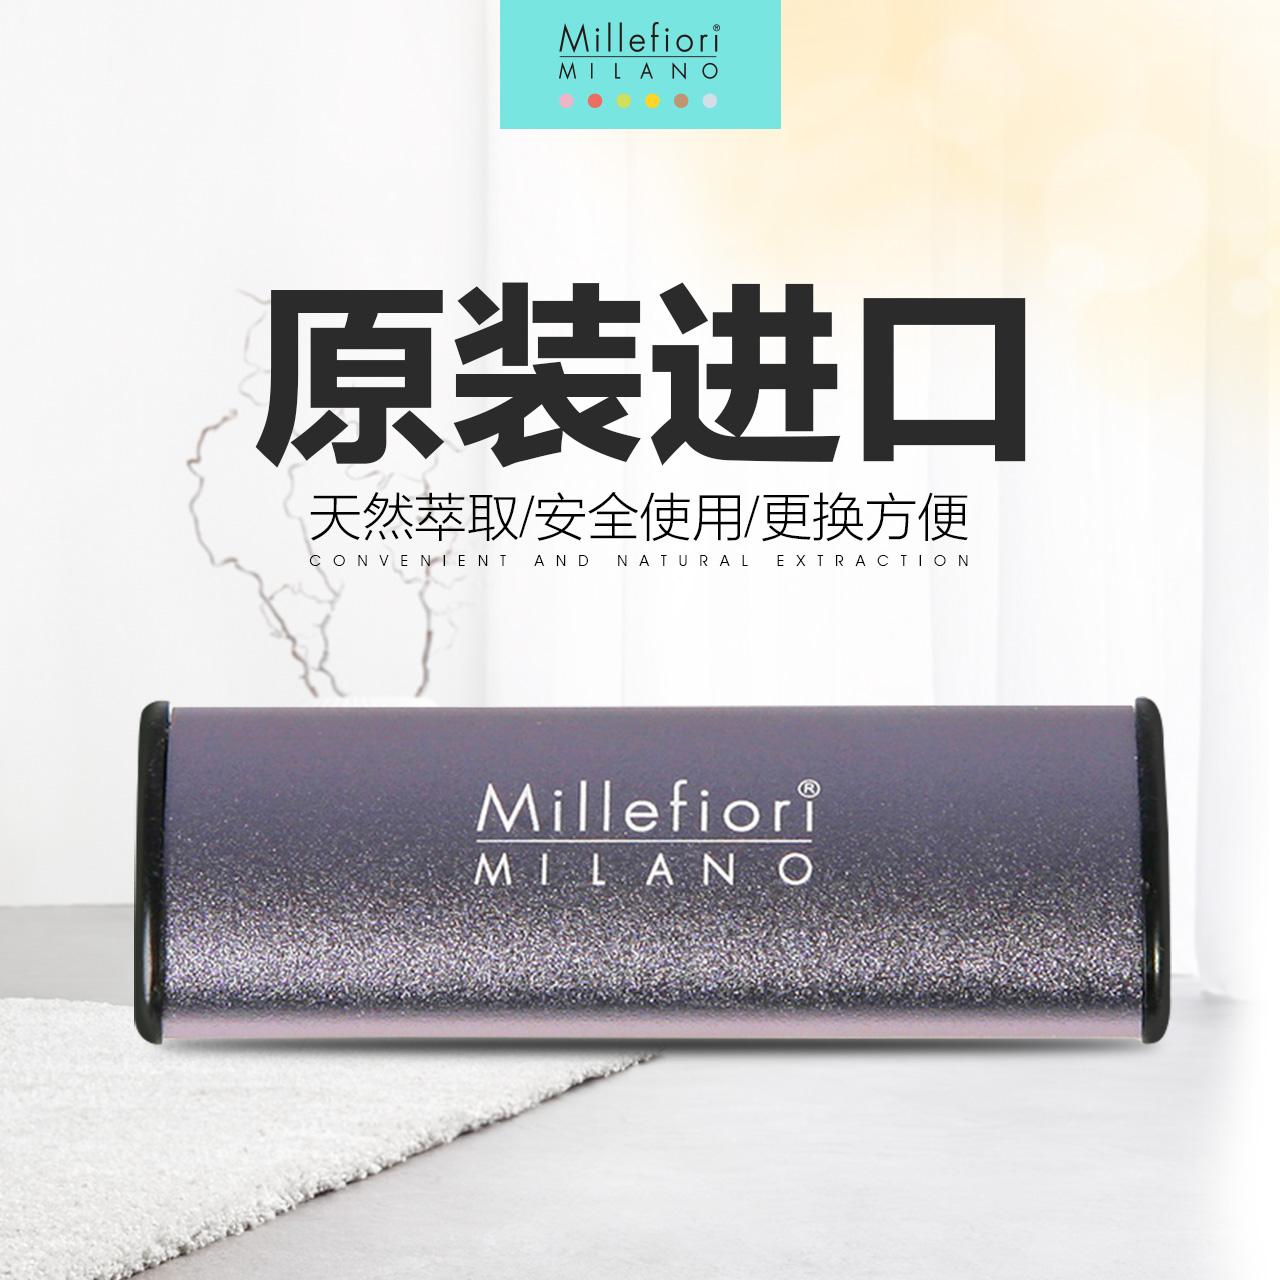 Millefiori米蘭菲麗汽車香水車用香薰車載香水香膏意大利